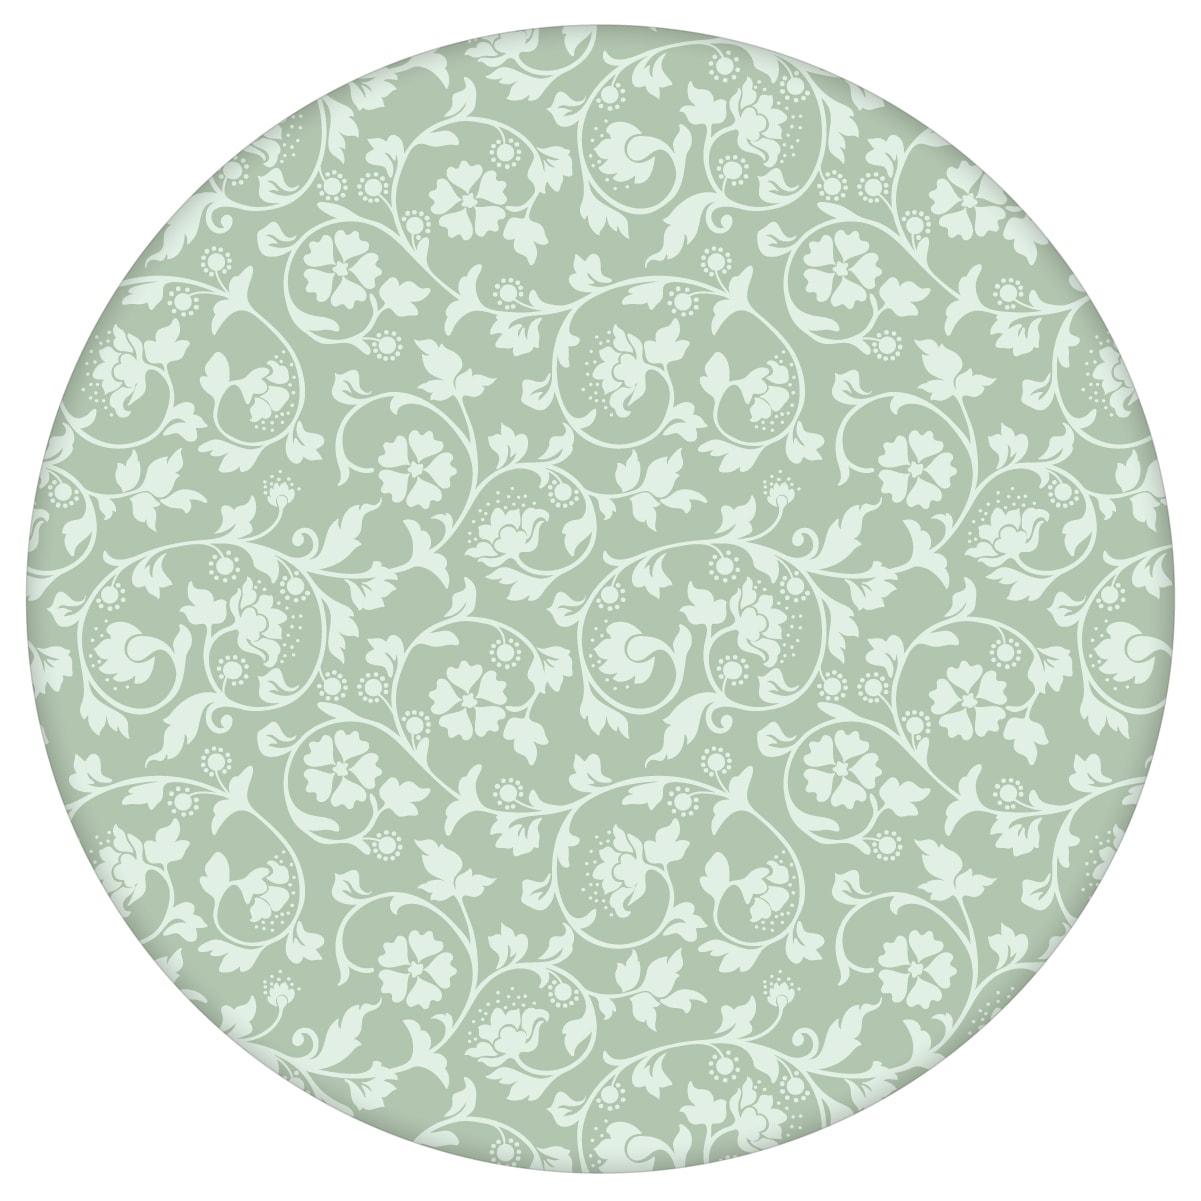 Ornamenttapete Kemenaten Zauber mit Blumen Ranken in mint, Nostalgietapete als Wandgestaltung aus den Tapeten Neuheiten Blumentapeten und Borten als Naturaltouch Luxus Vliestapete oder Basic Vliestapete